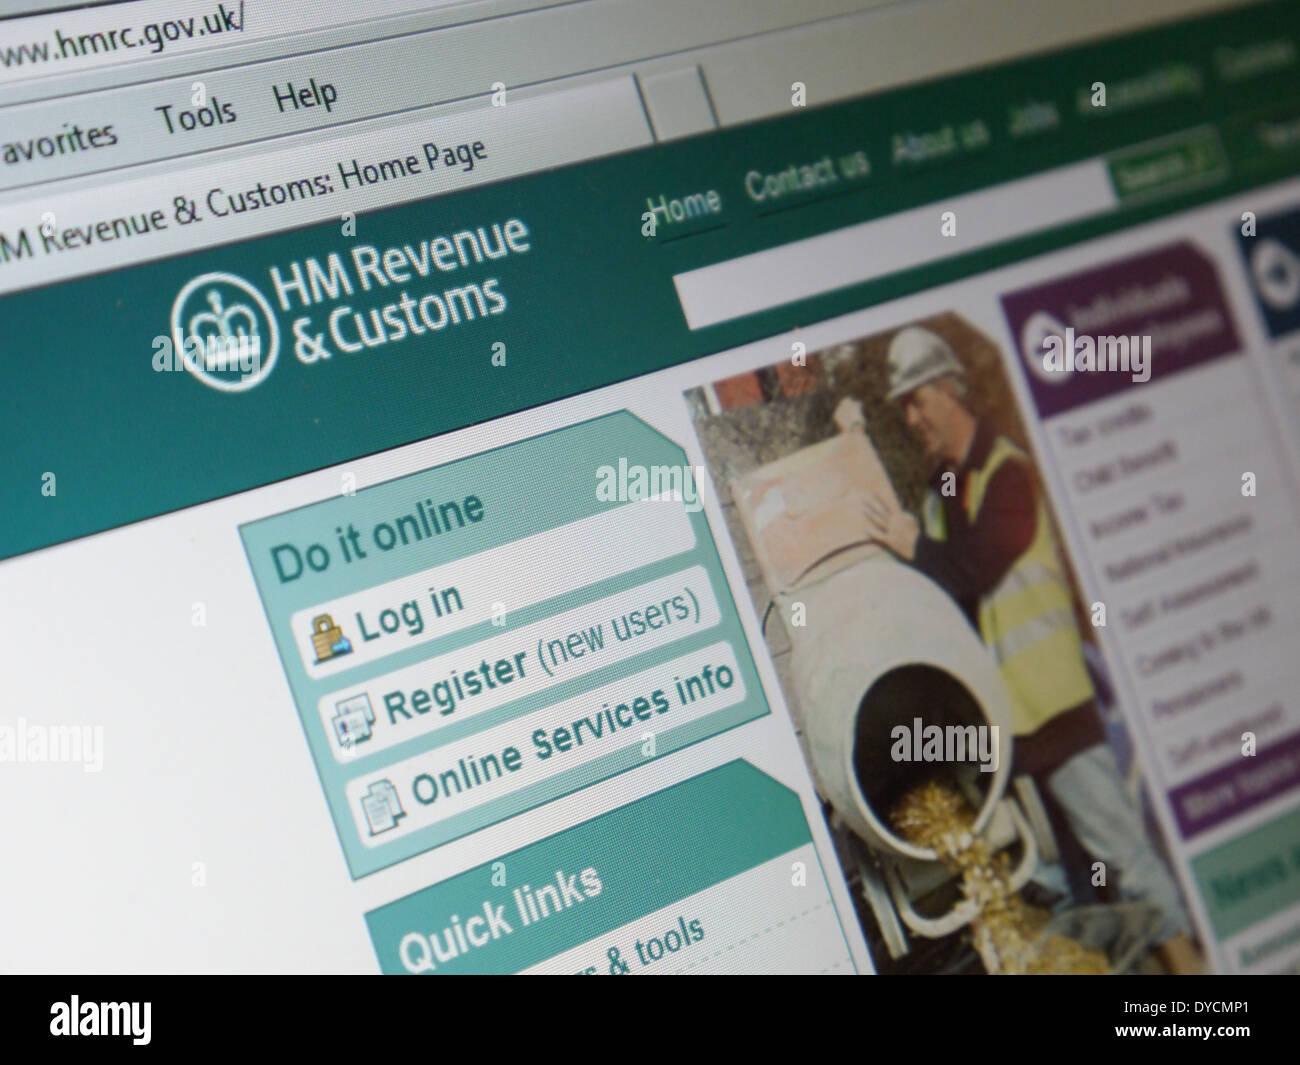 hm revenue customs uk website - Stock Image